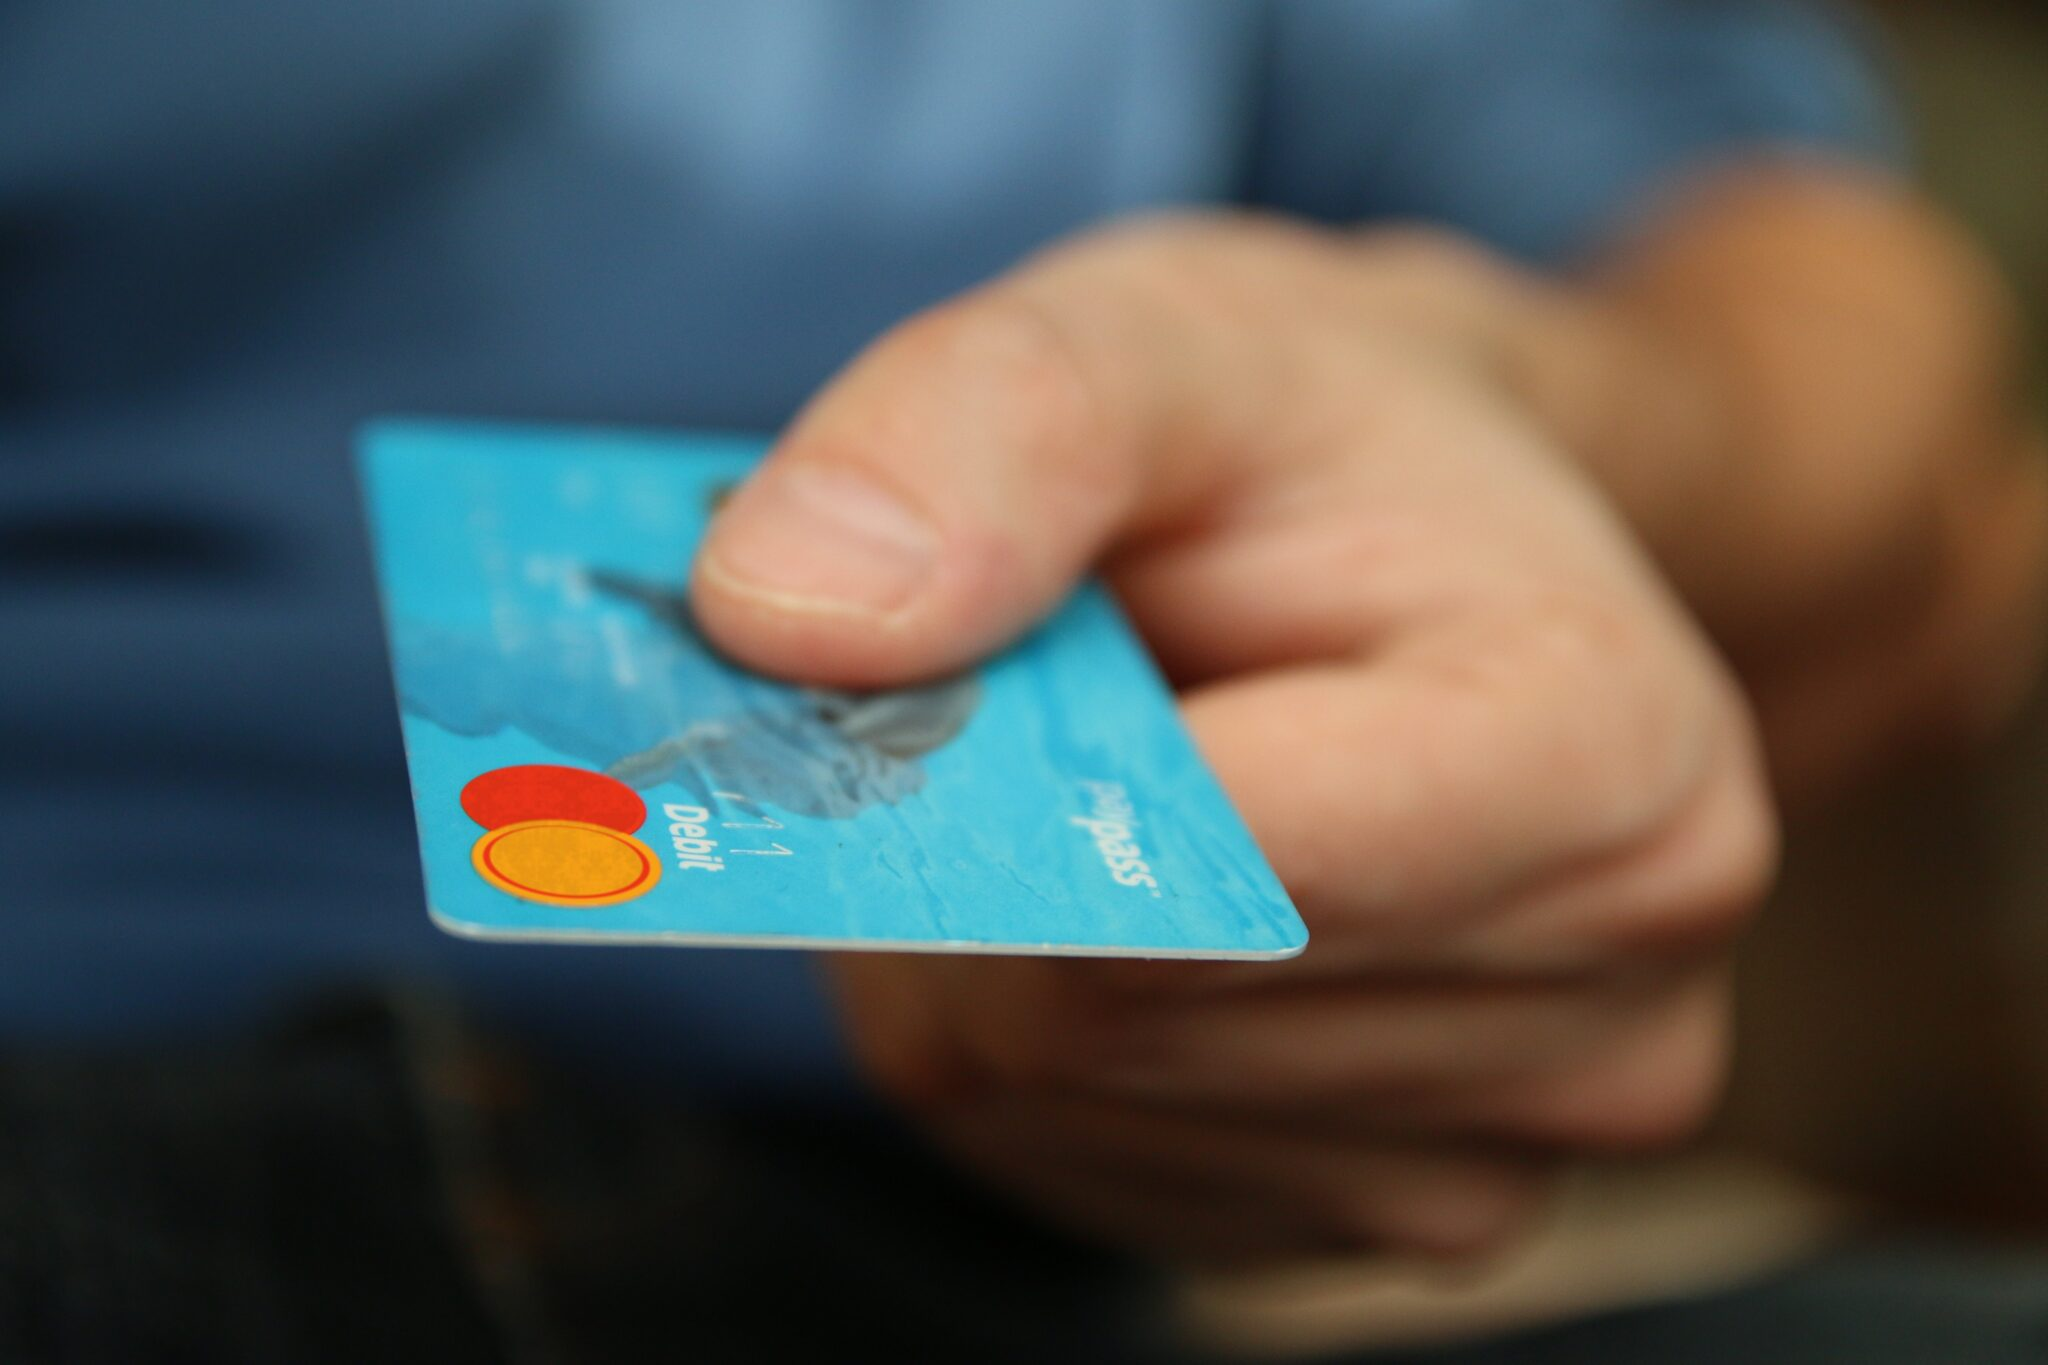 Carte prepagate con IBAN alternativa al conto corrente